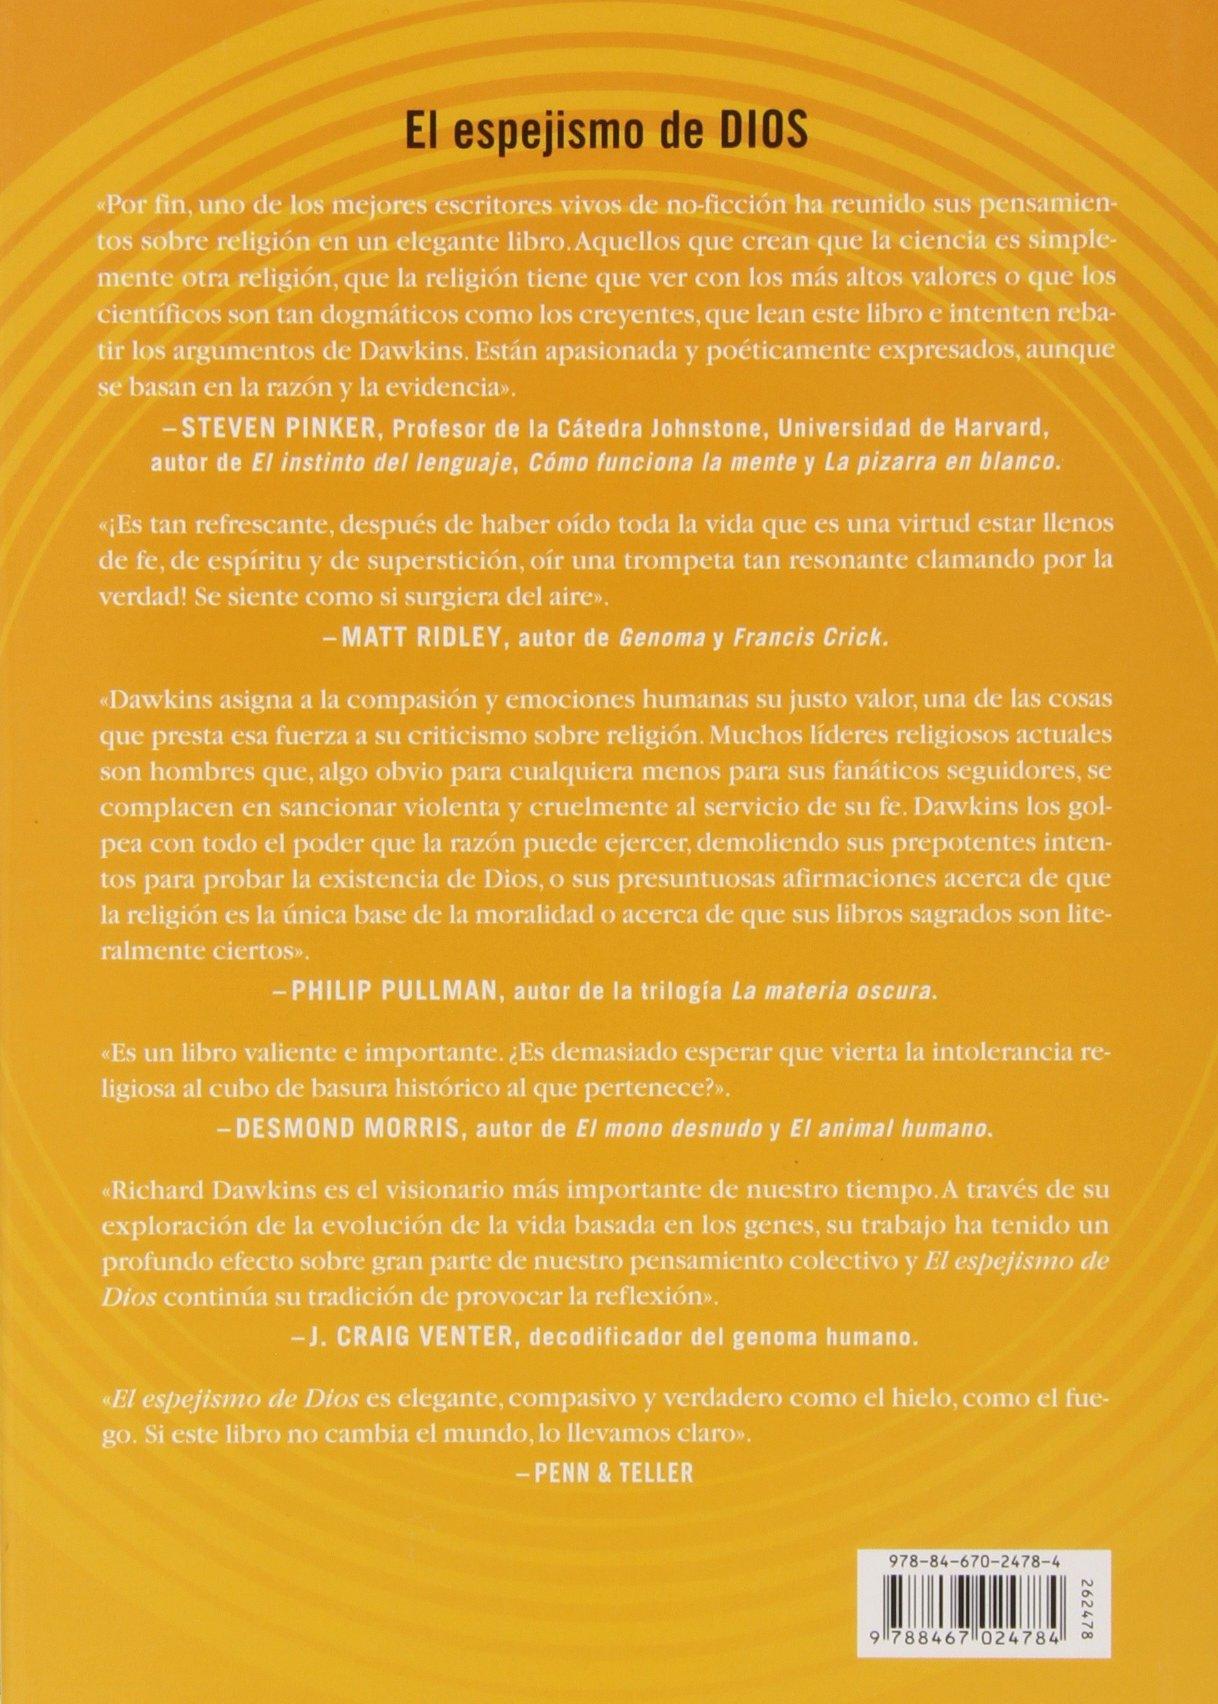 El Espejismo De Dios: Unknown: 9788467024784: Amazon.com: Books